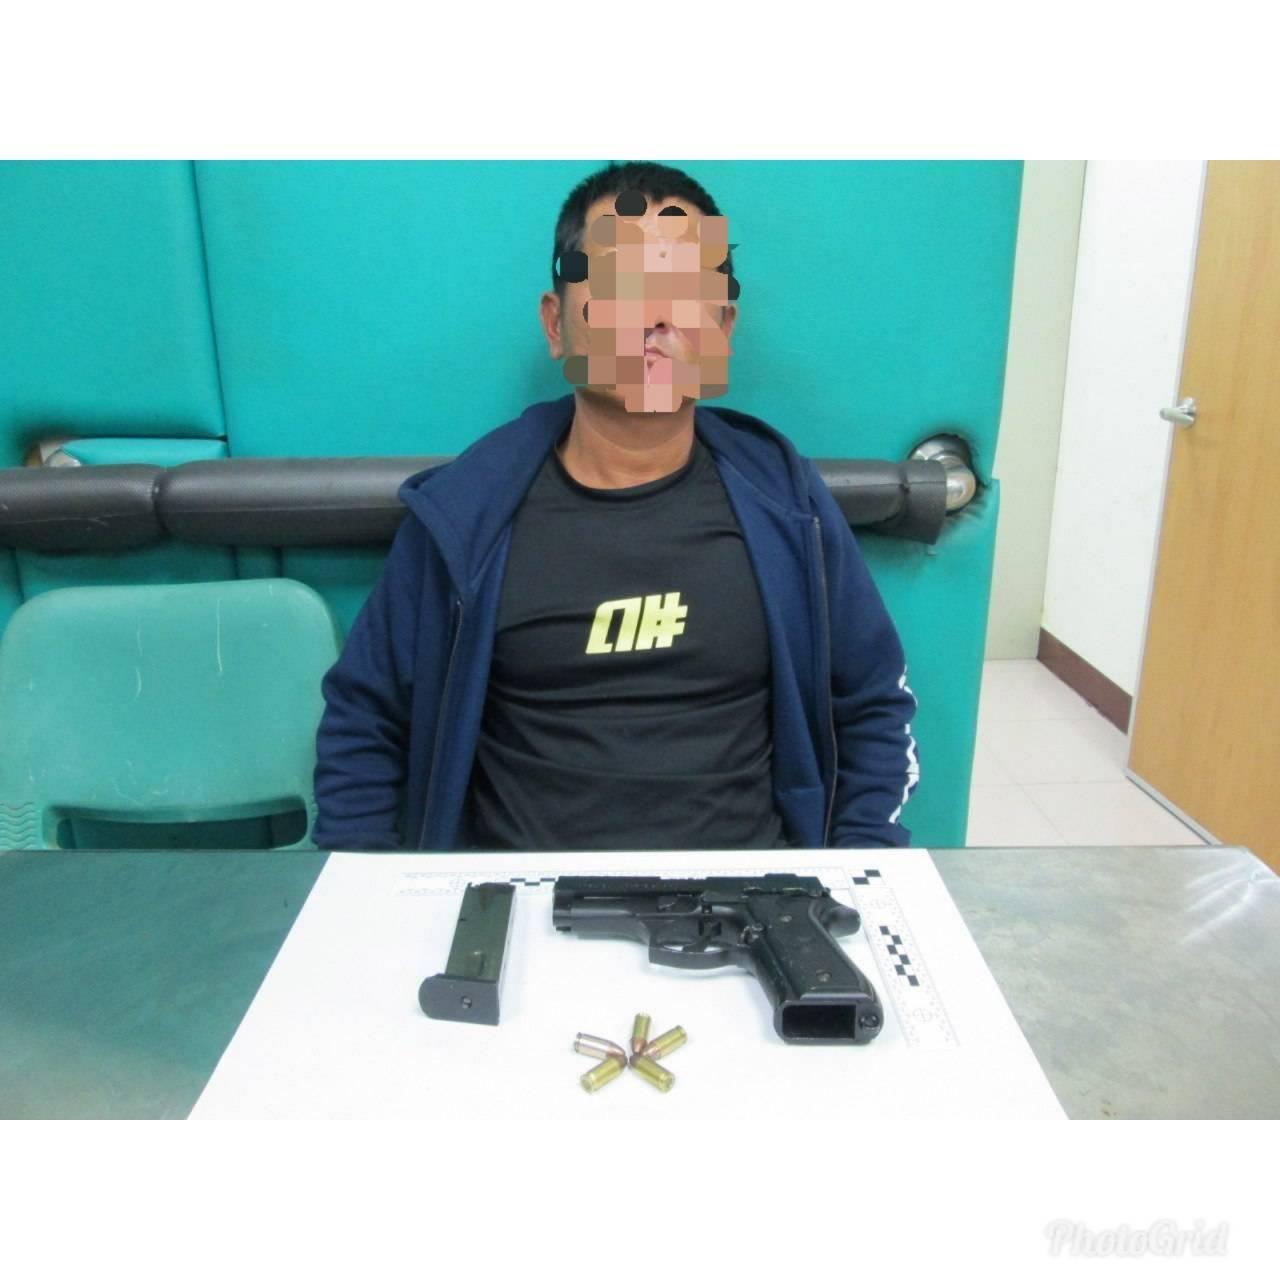 43歲的蔡嫌從事廢棄物處理工作,因與前妻娘家有金錢糾紛,昨晚持槍恐嚇前妻岳父母。...